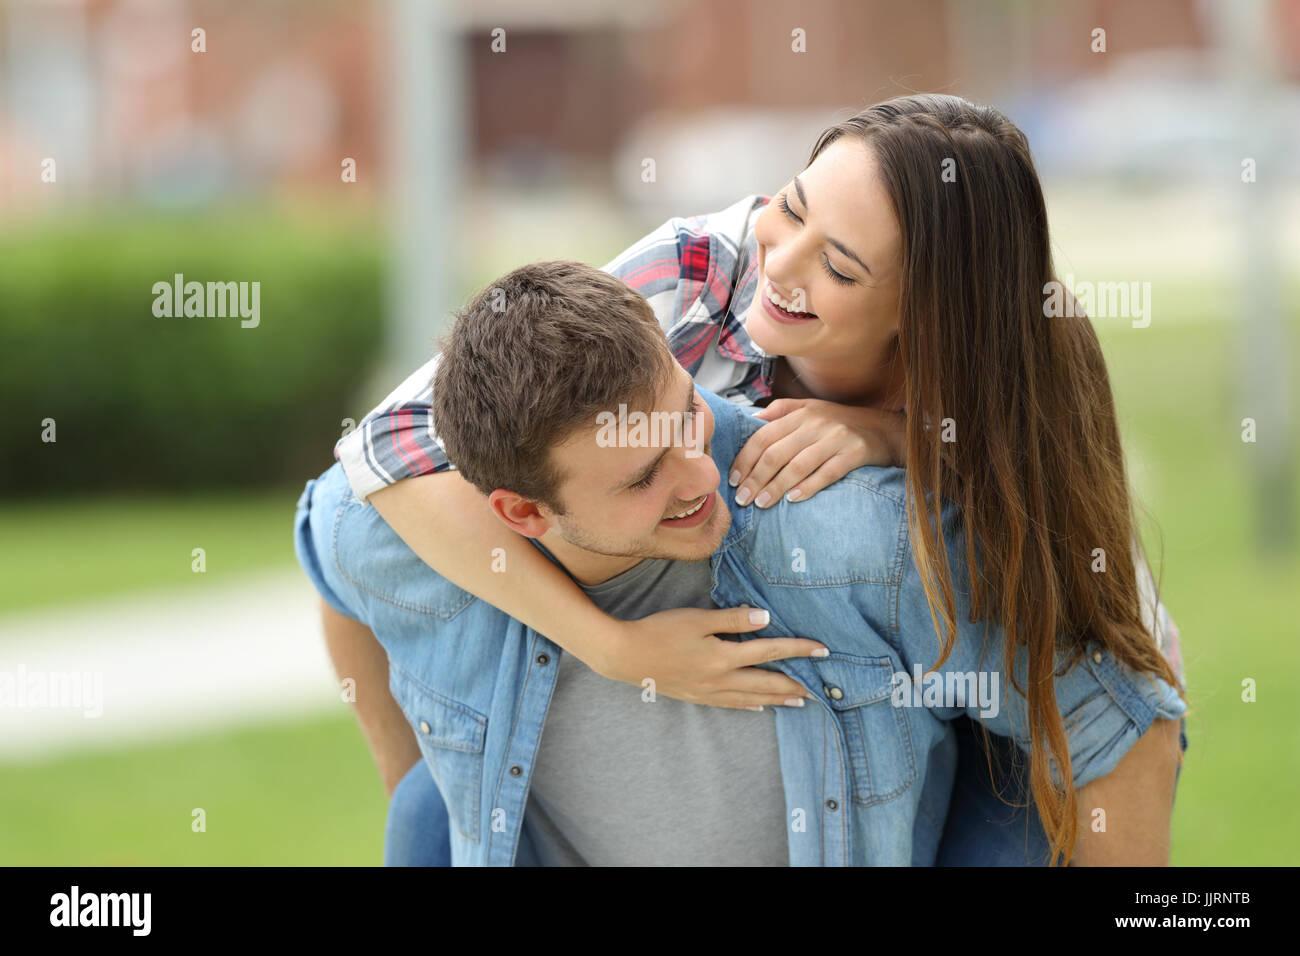 Vue de face d'un couple d'adolescents plaisanter ensemble piggyback en plein air dans un parc avec un fond Photo Stock